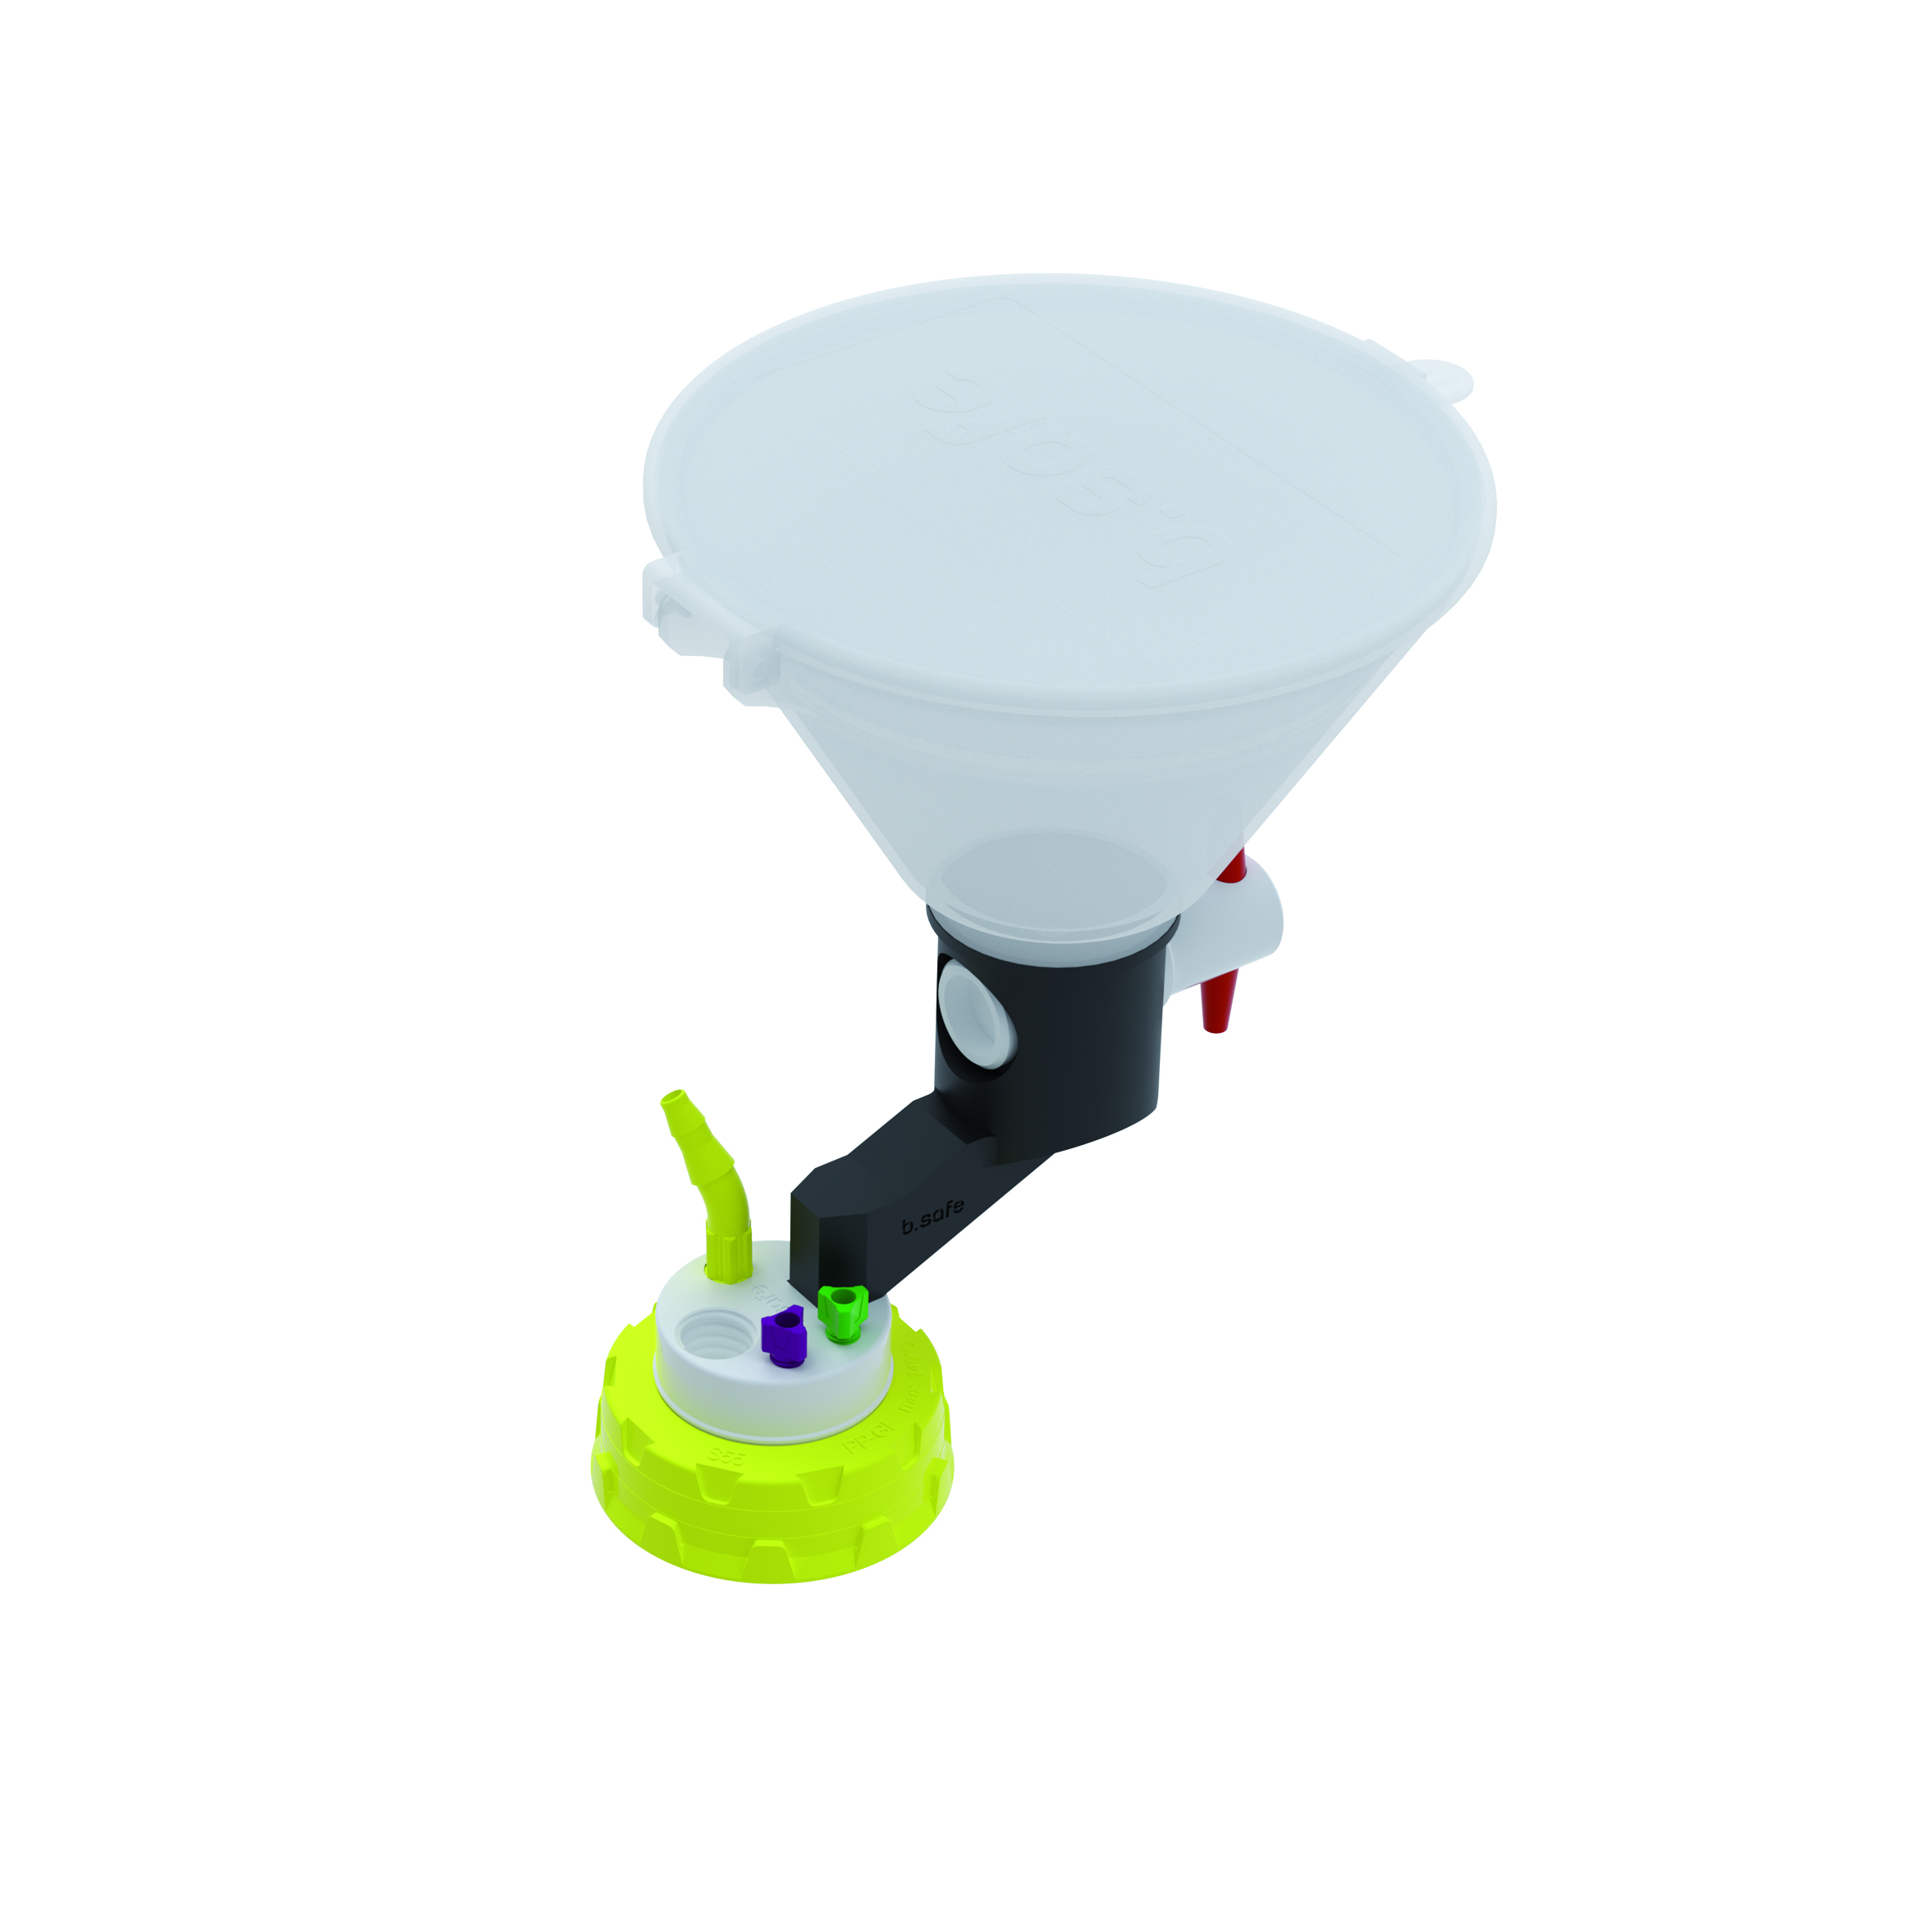 Waste Cap S55 mit Einfülltrichter  Schraubkappe aus PP für Gewinde S55, frei drehbarer Einsatz aus PTFE. Mit P